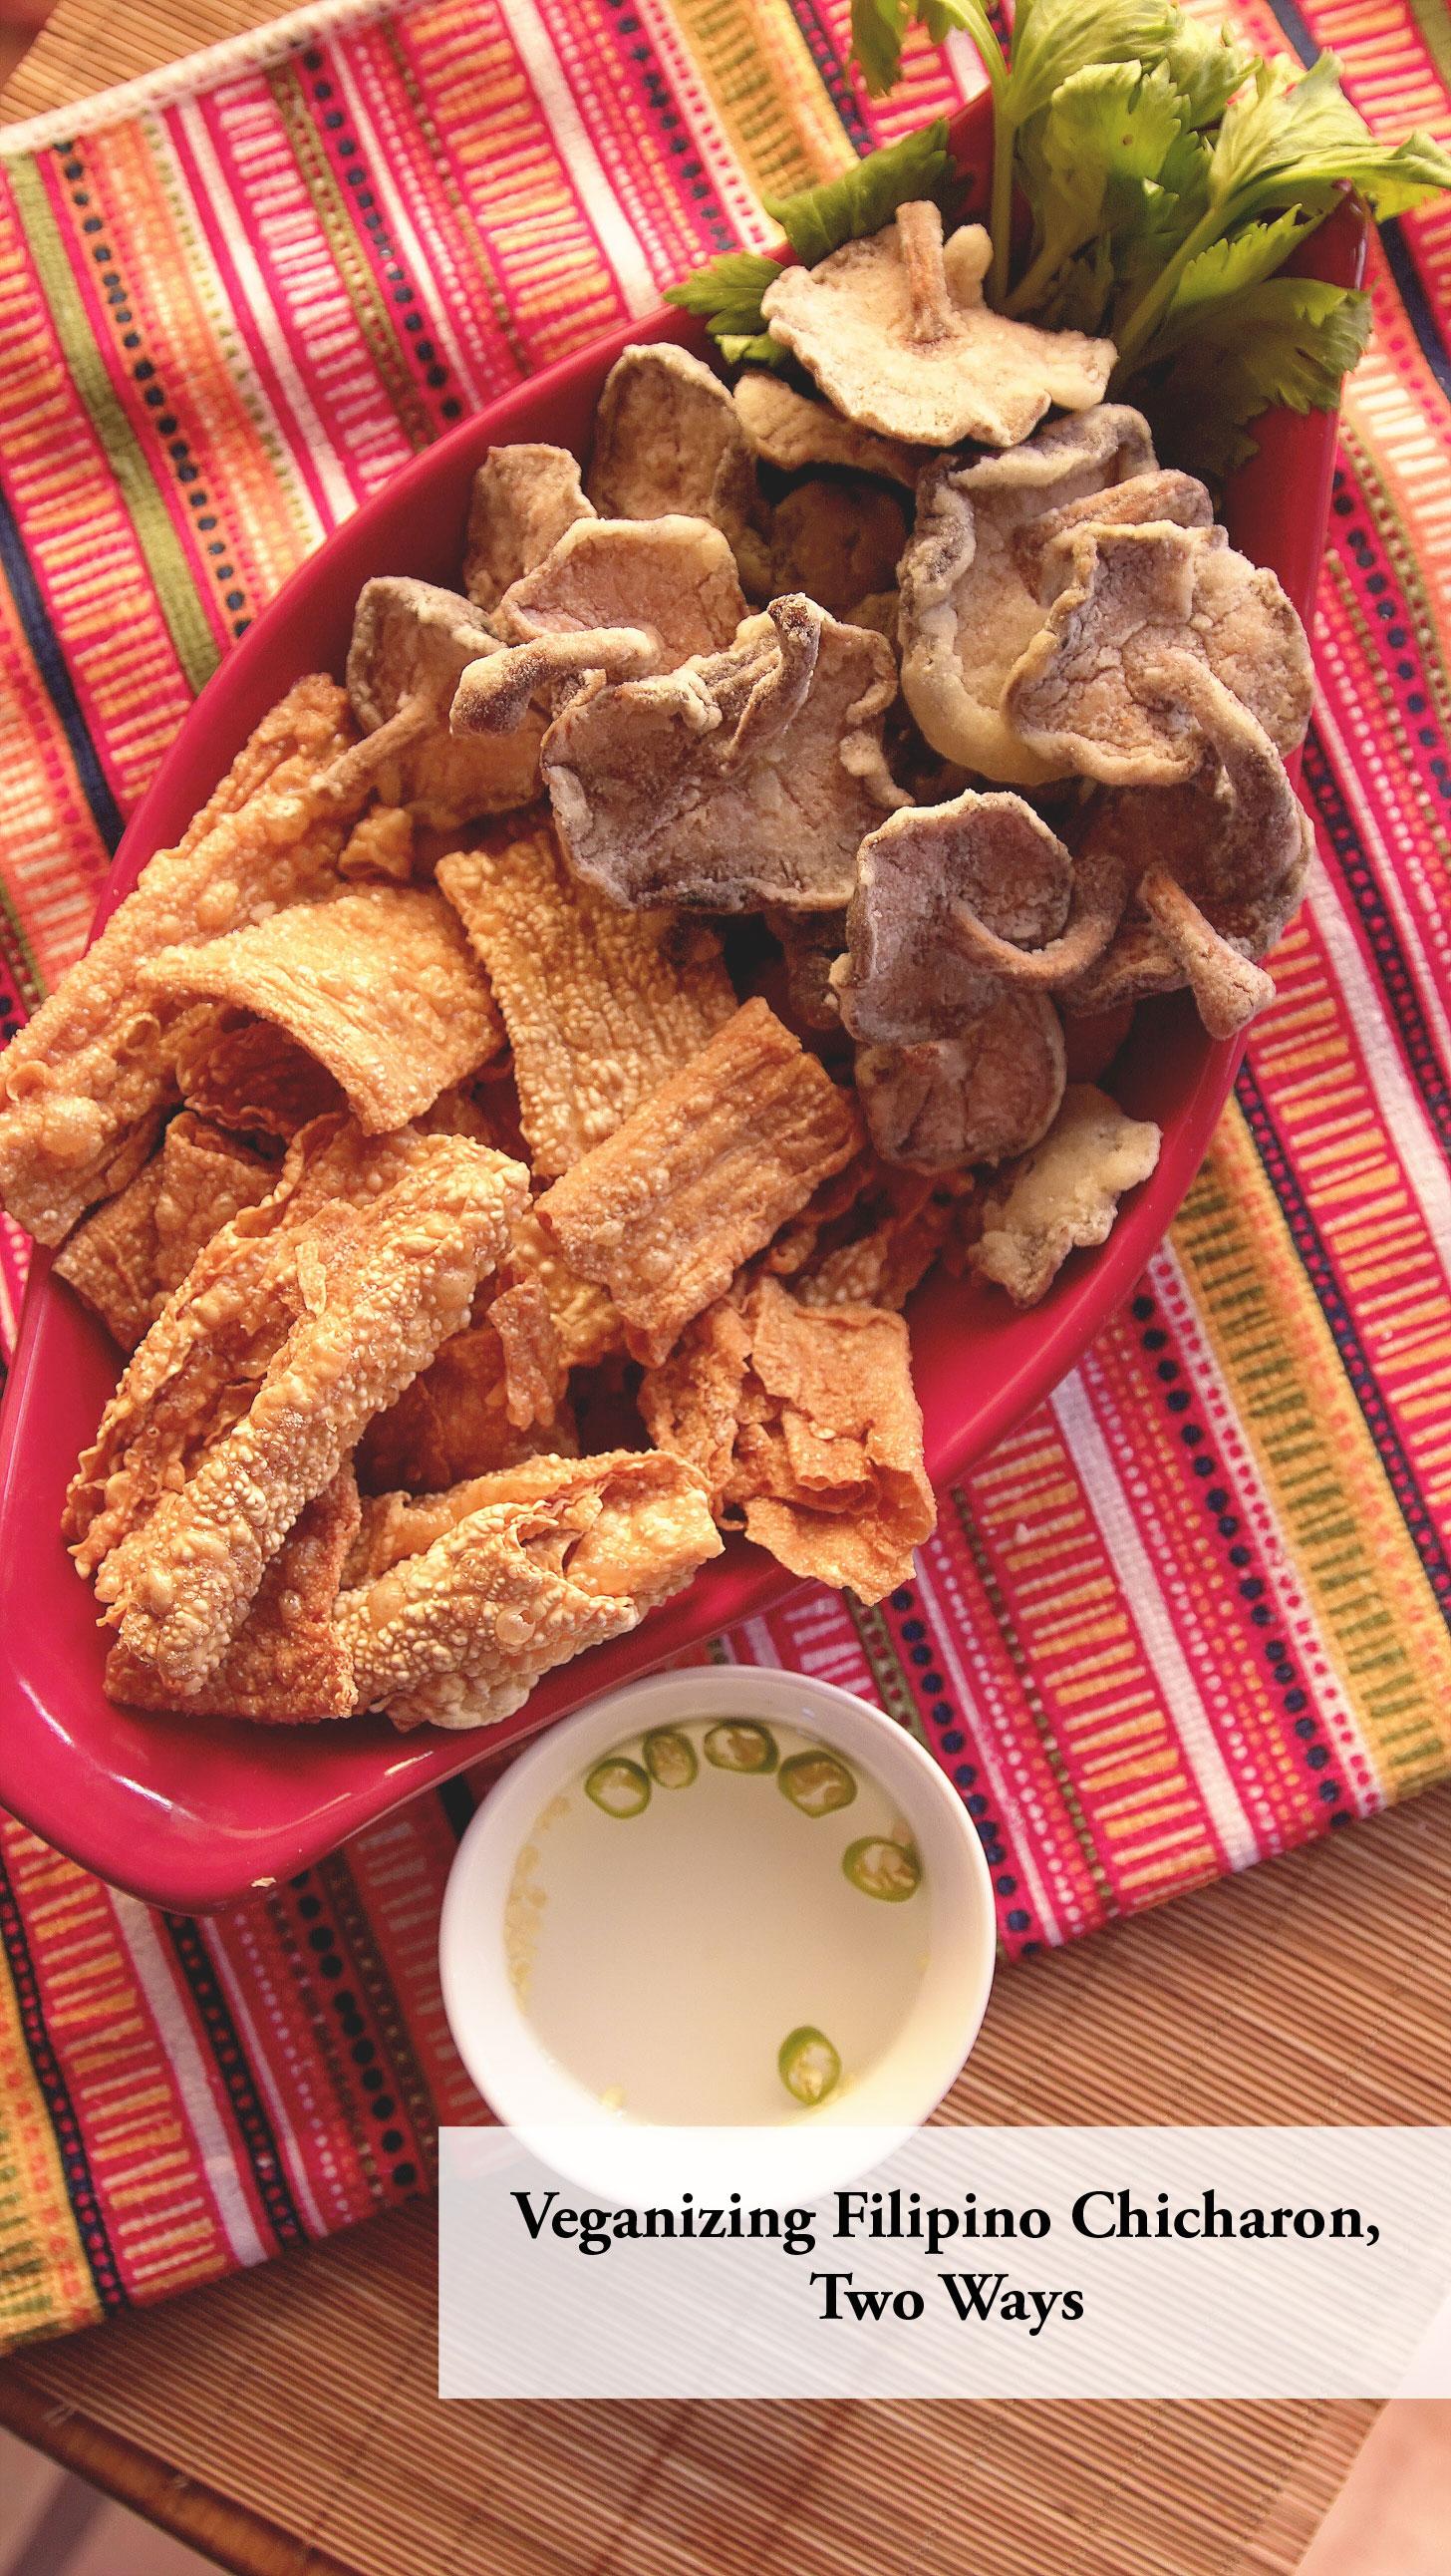 Vegan Filipino Chicharon, Two Ways